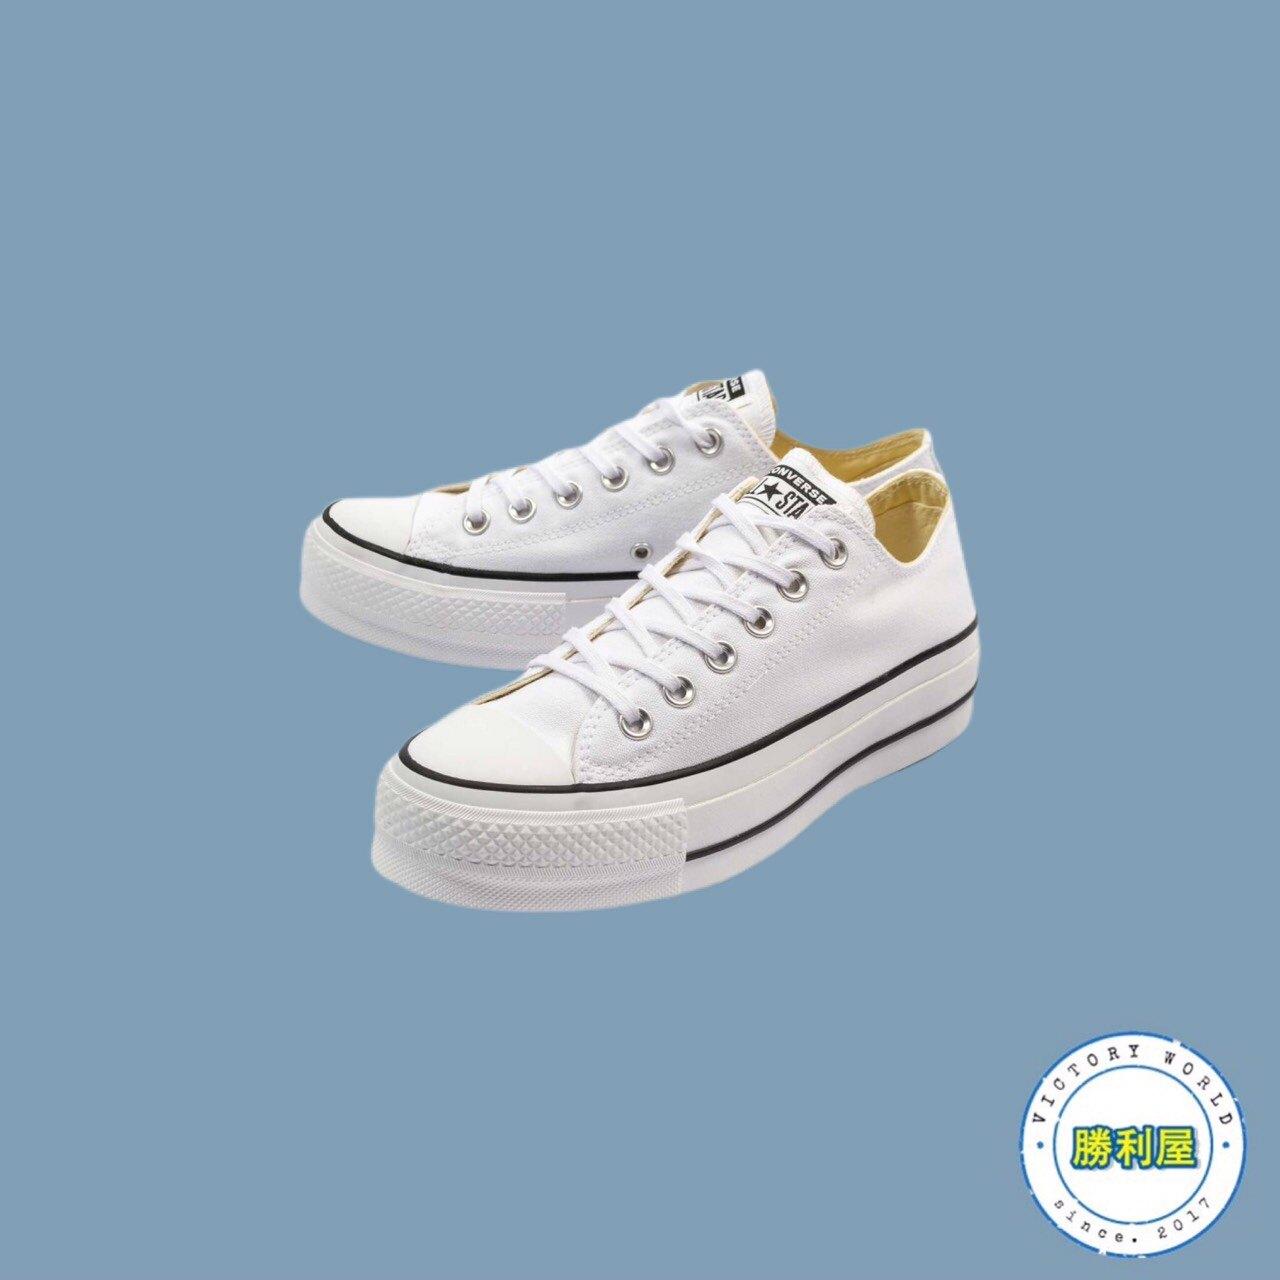 【滿3000現折300↘最高折$450】【CONVERSE】ALL STAR LIFT OX WHITE 女鞋 休閒鞋 帆布鞋 厚底鞋 低筒 全白 白黑 增高 熱門款 560251C【勝利屋】